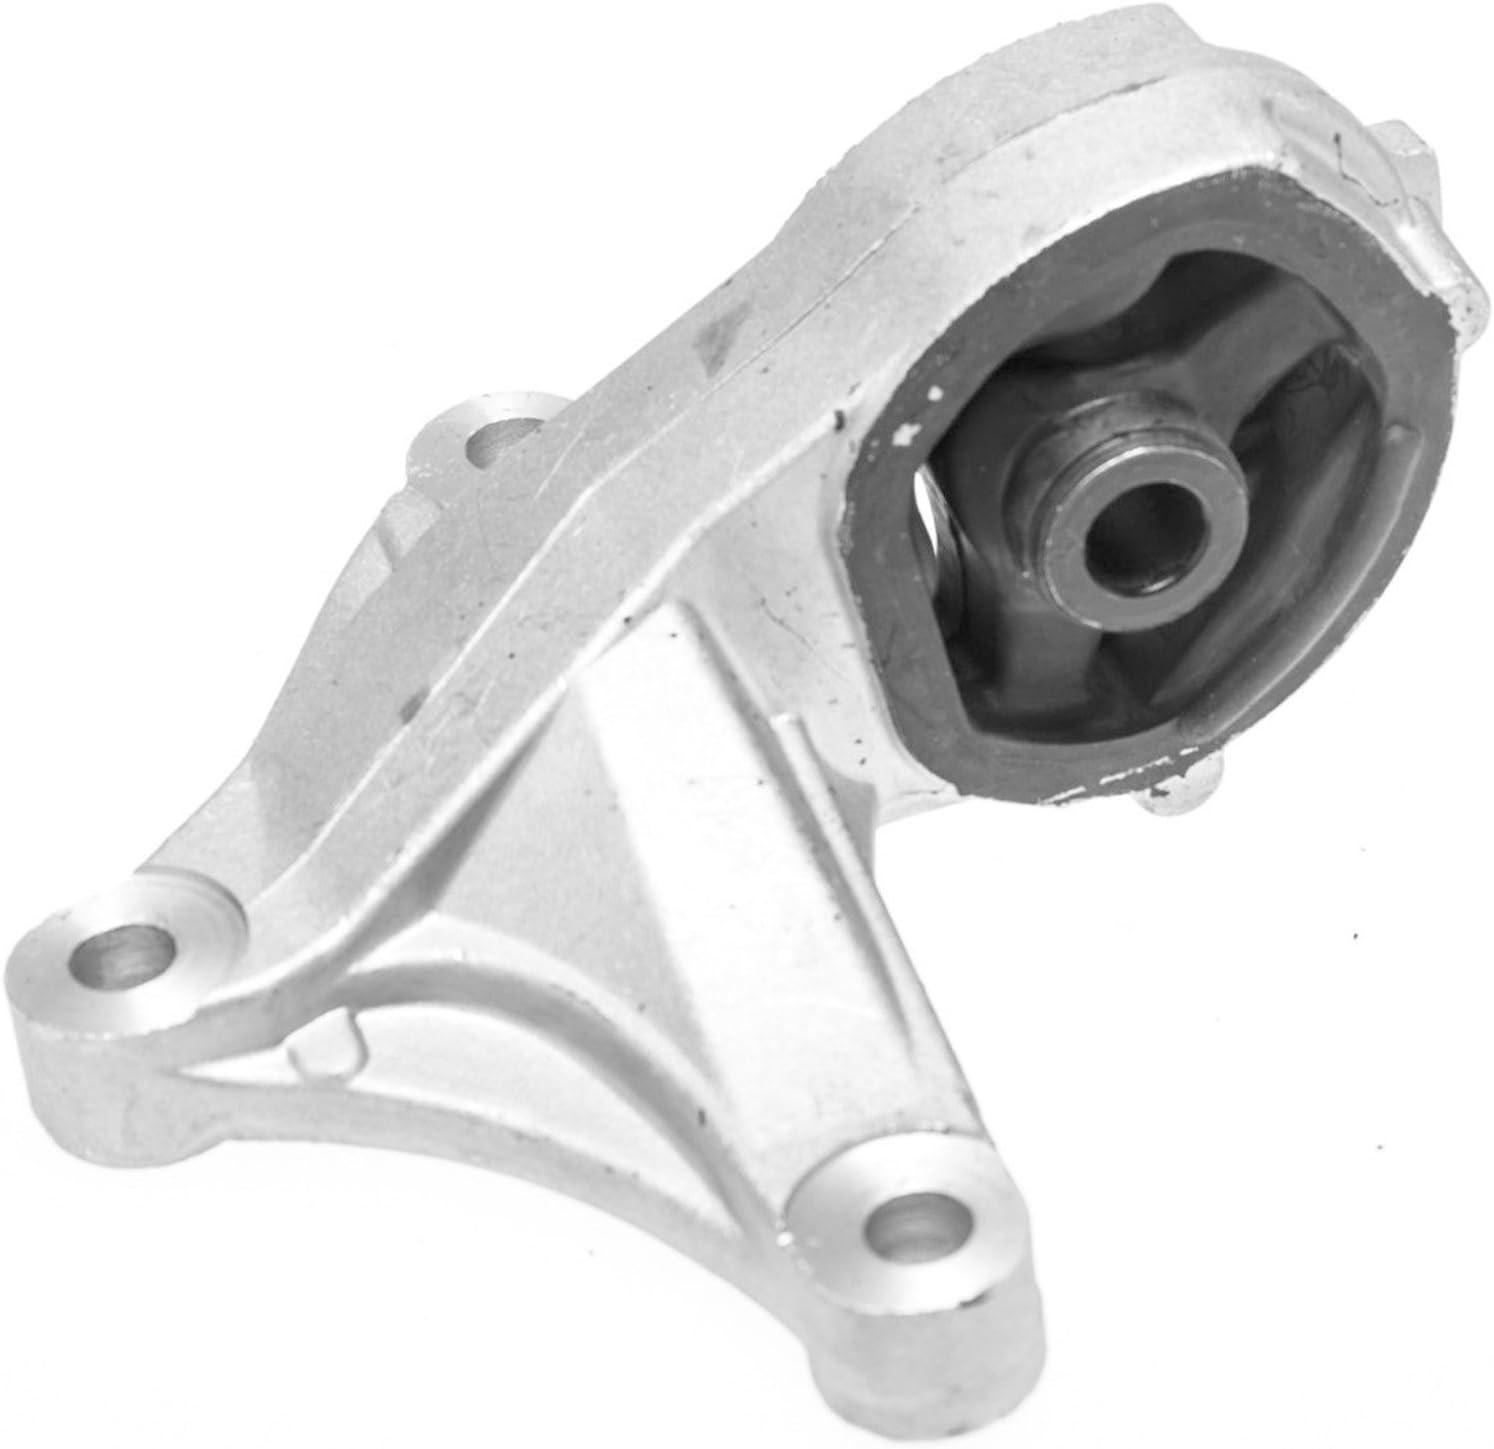 For HONDA CR-V 2.4L 65055 2012-2014 Engine Motor Mount Front